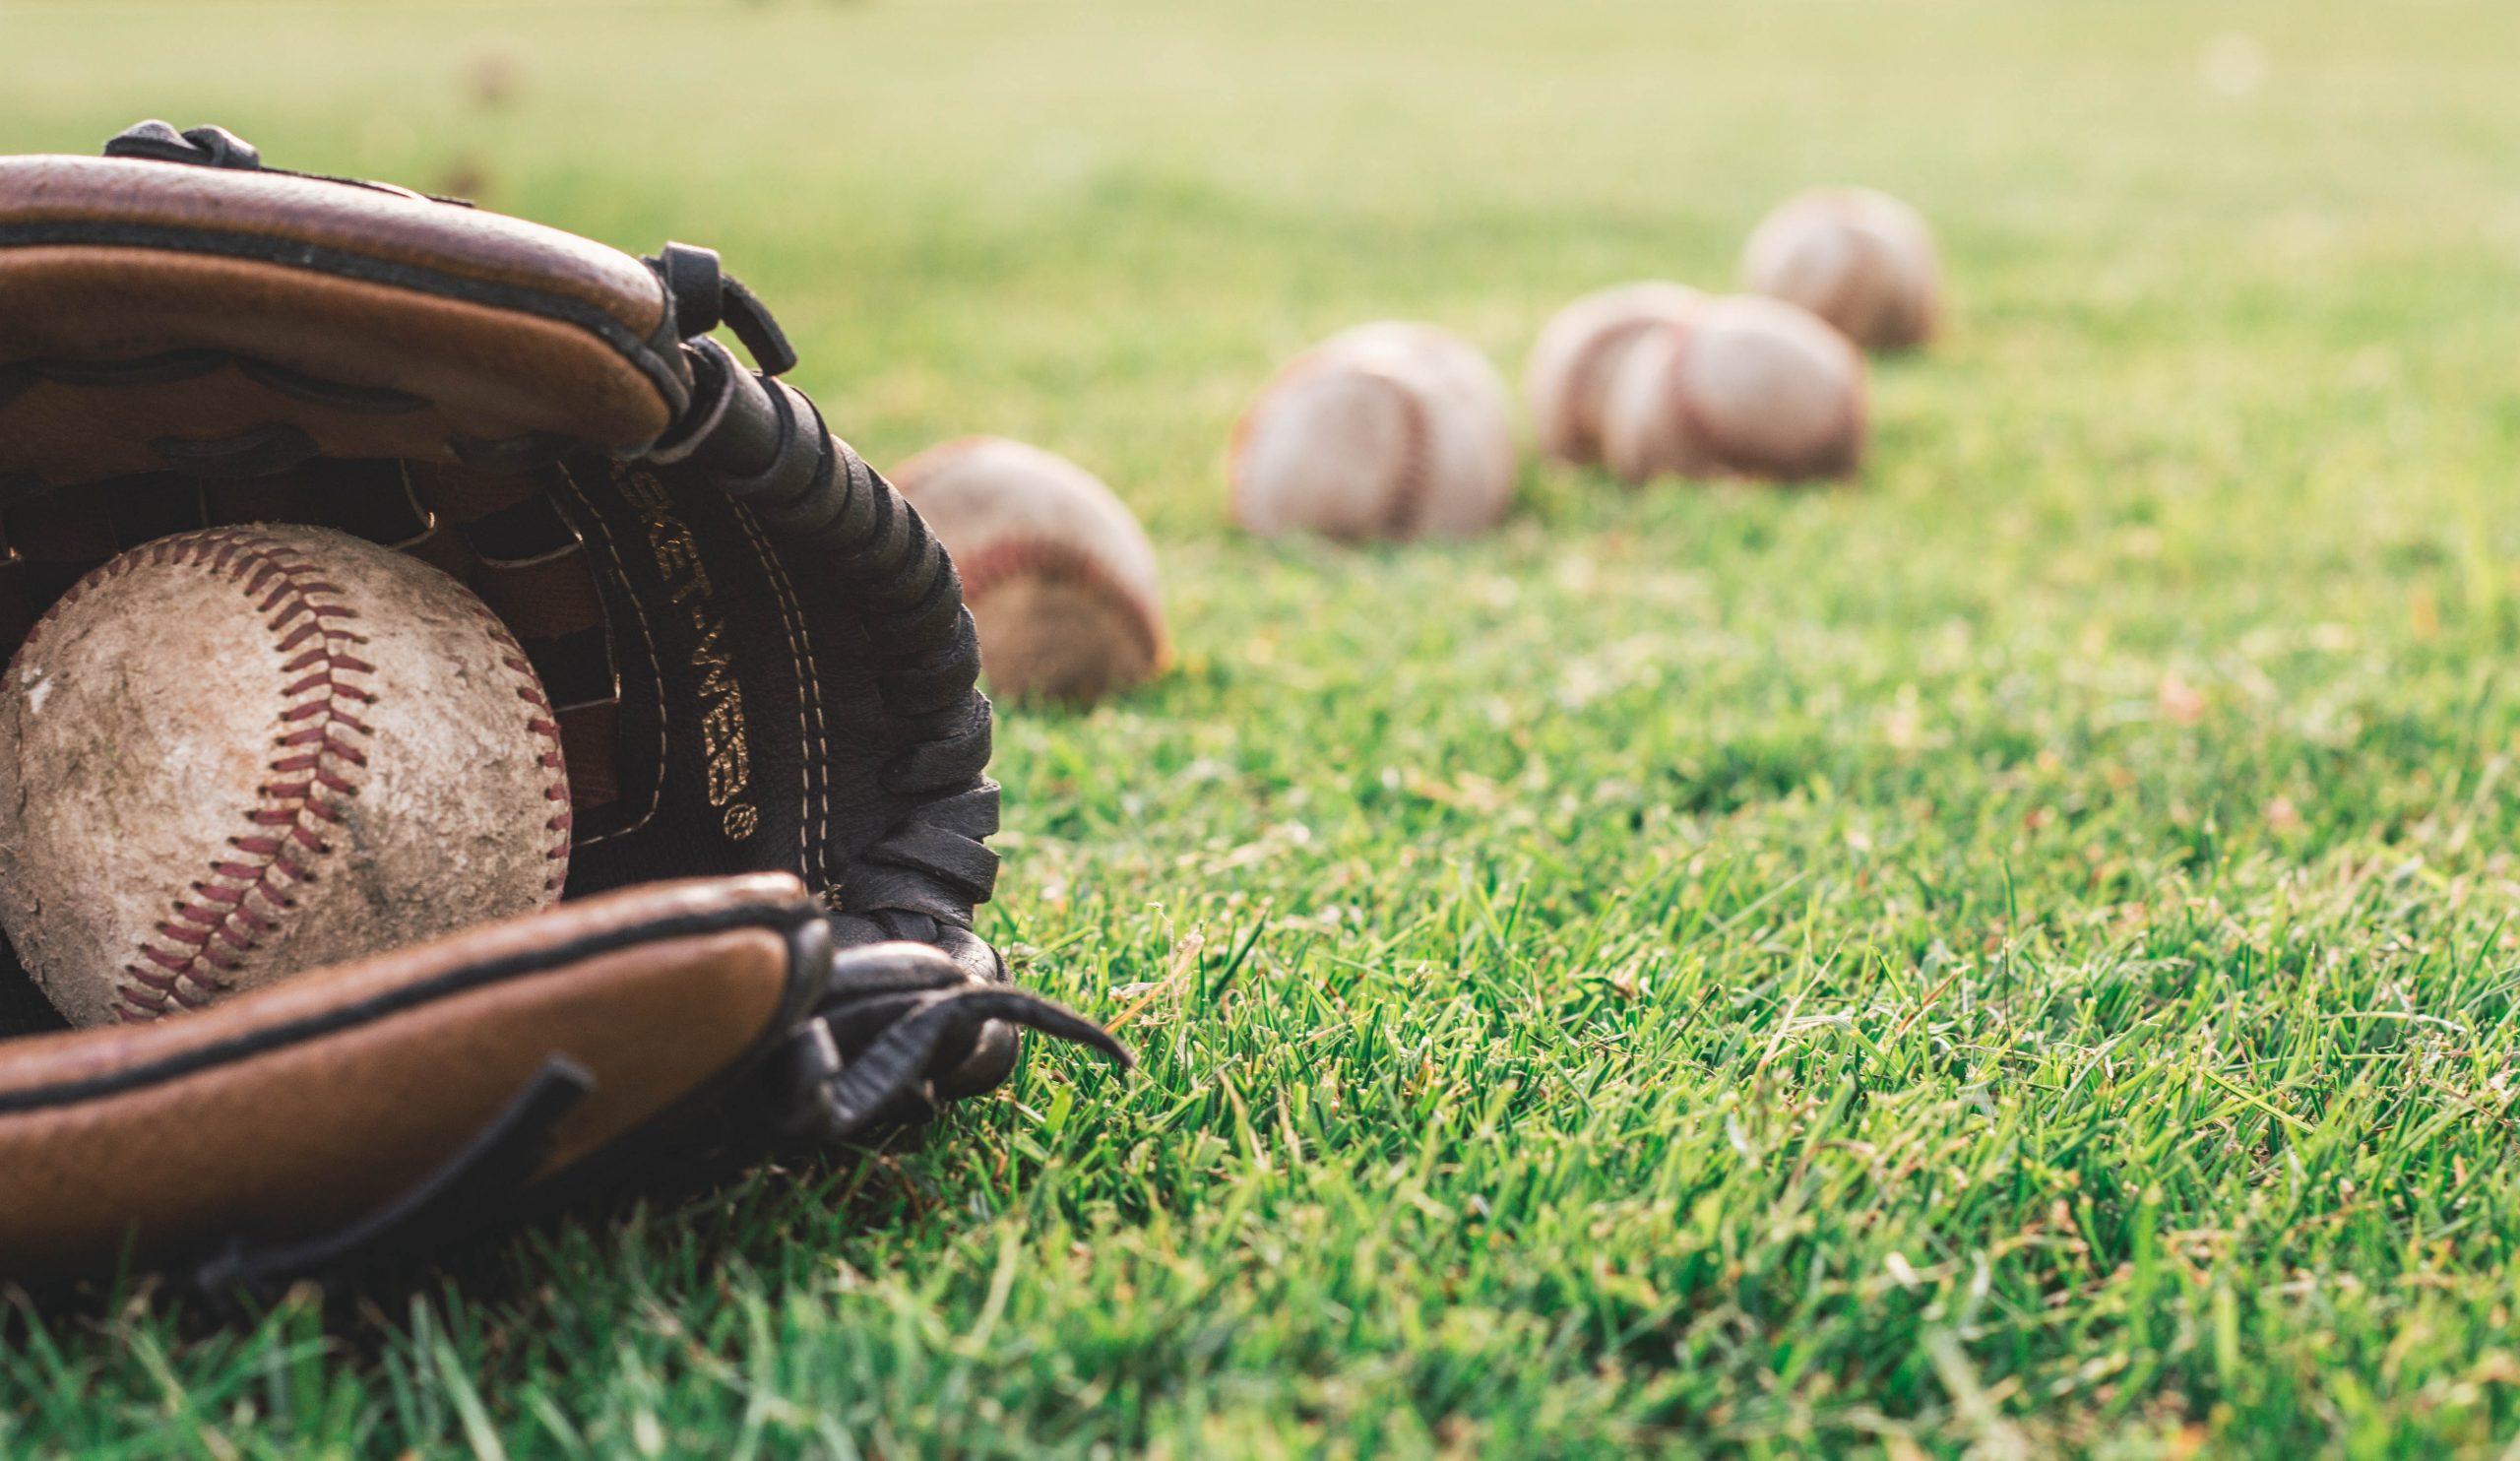 Imagem mostra uma luva de baseball abrigando uma bola sob um gramado. Ao fundo, outras cinco bolas soltas no gramado, desfocadas.